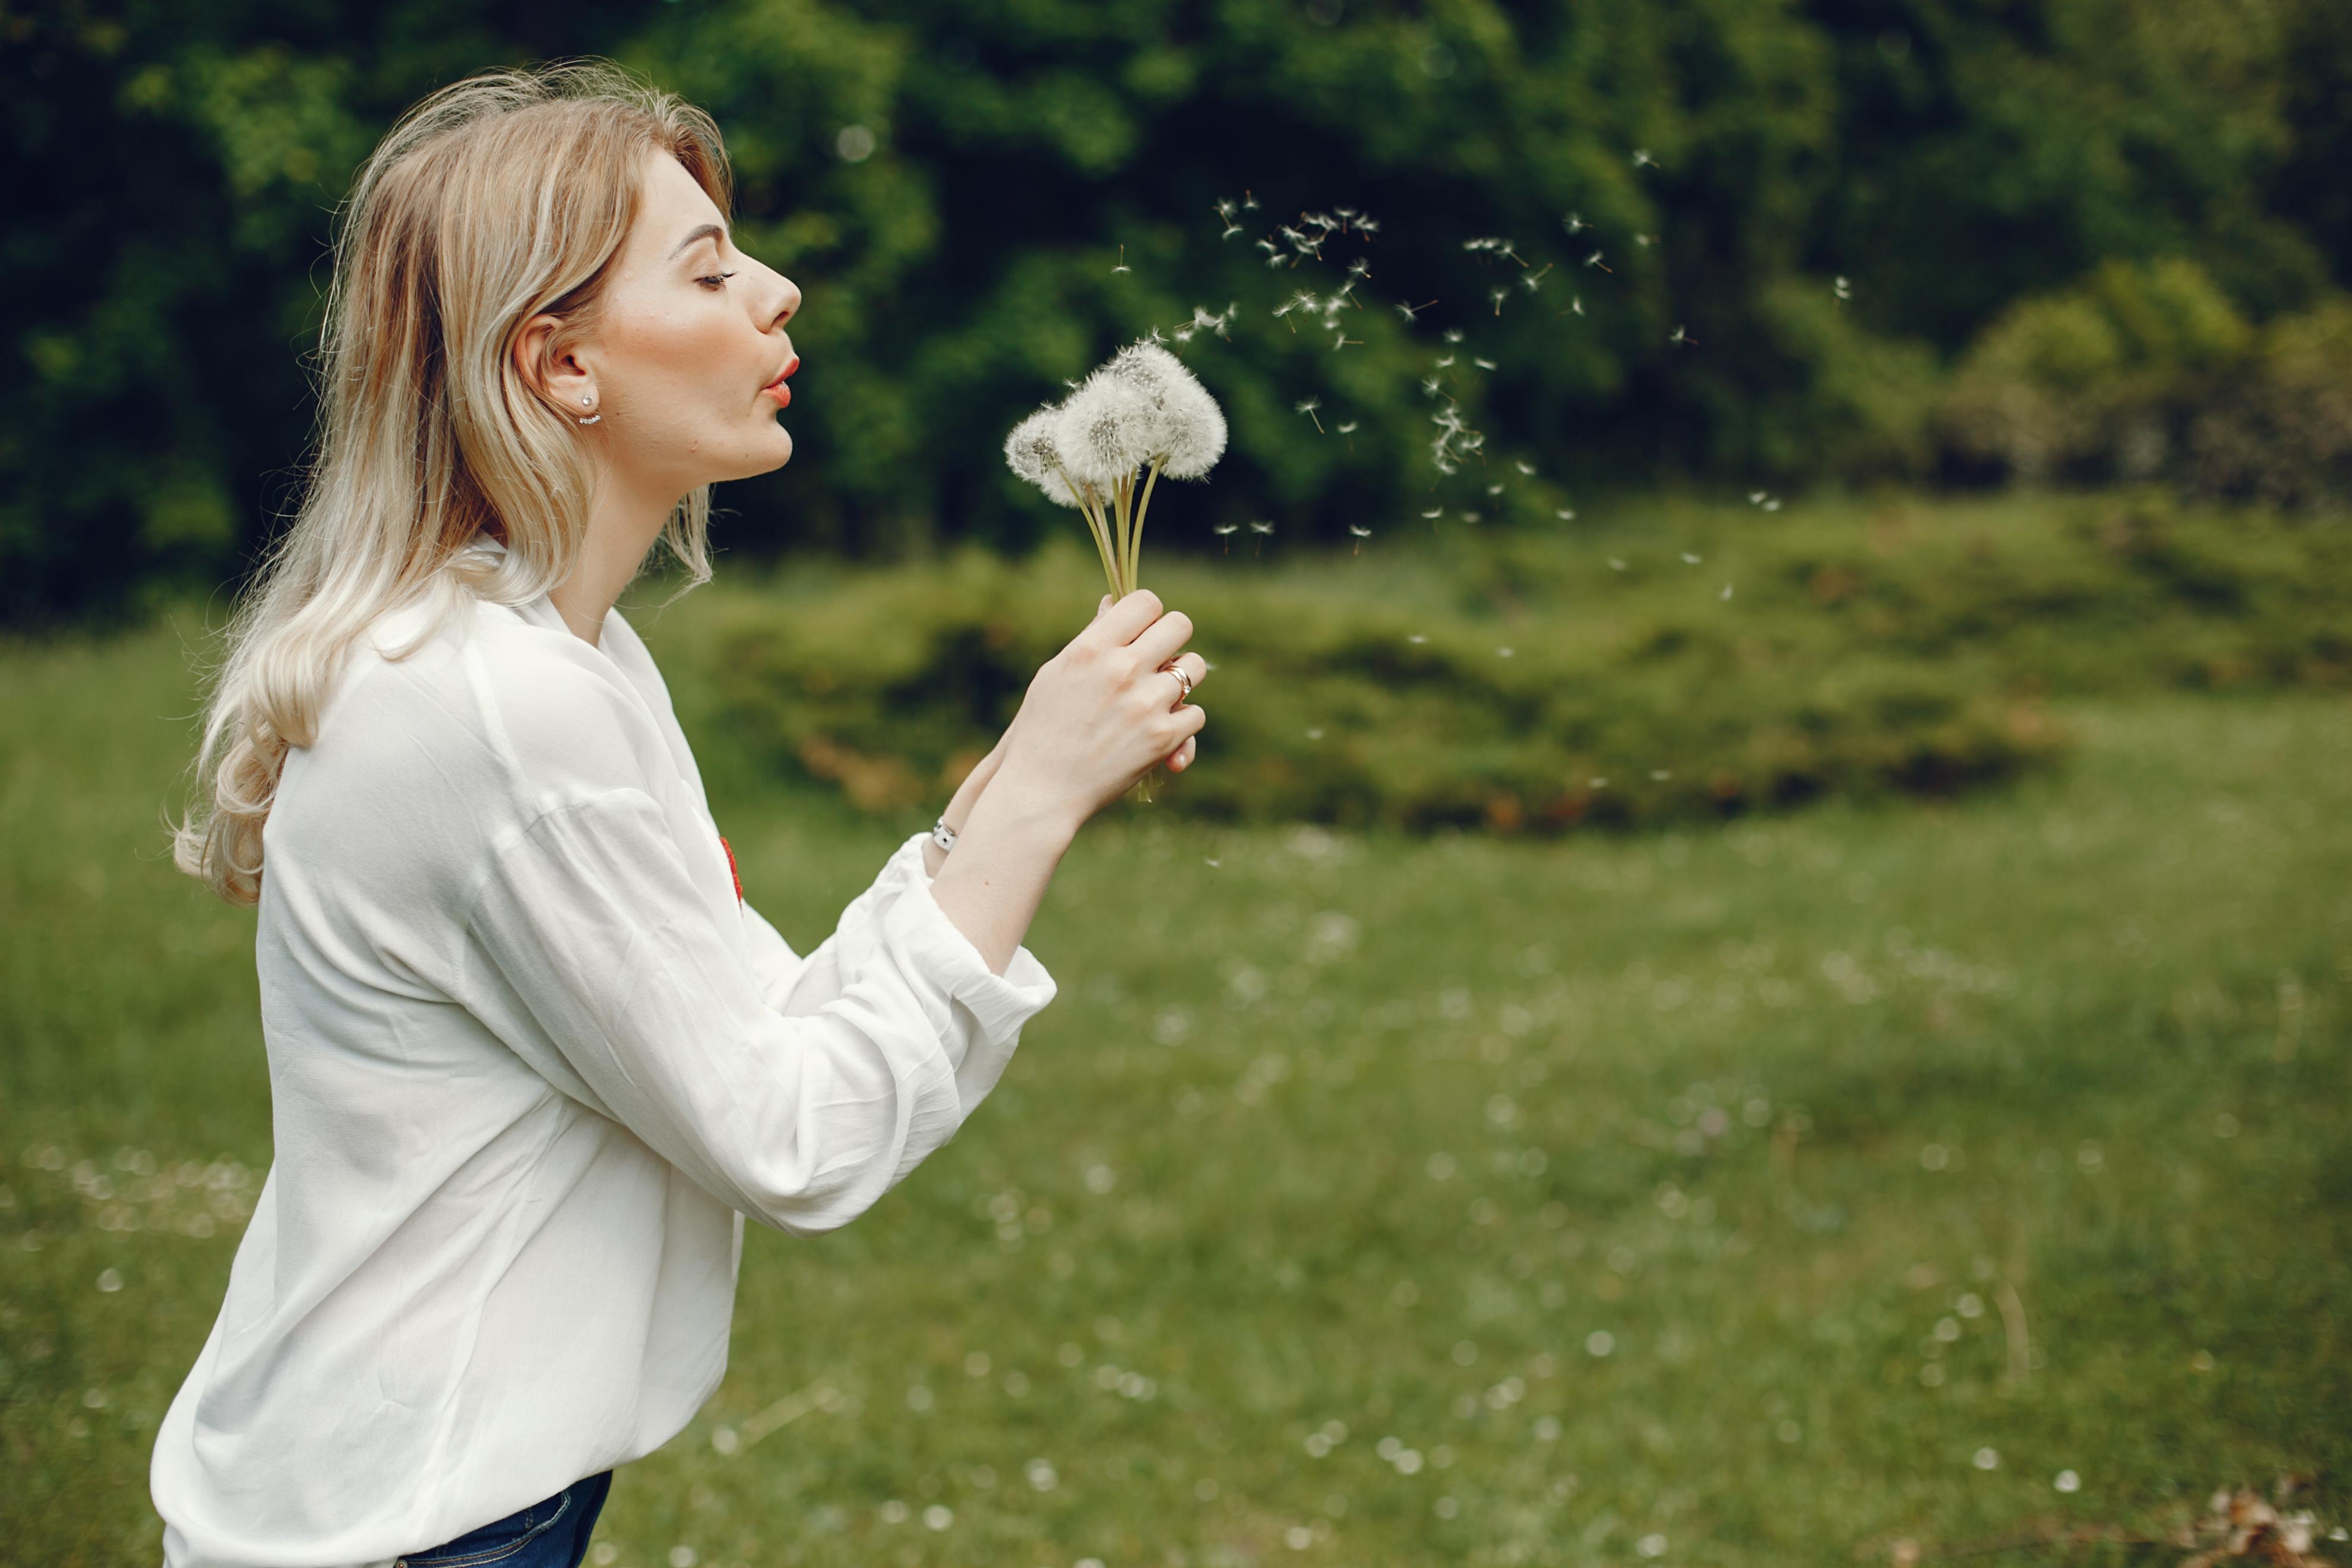 ¿Cómo resolver el miedo al abandono?